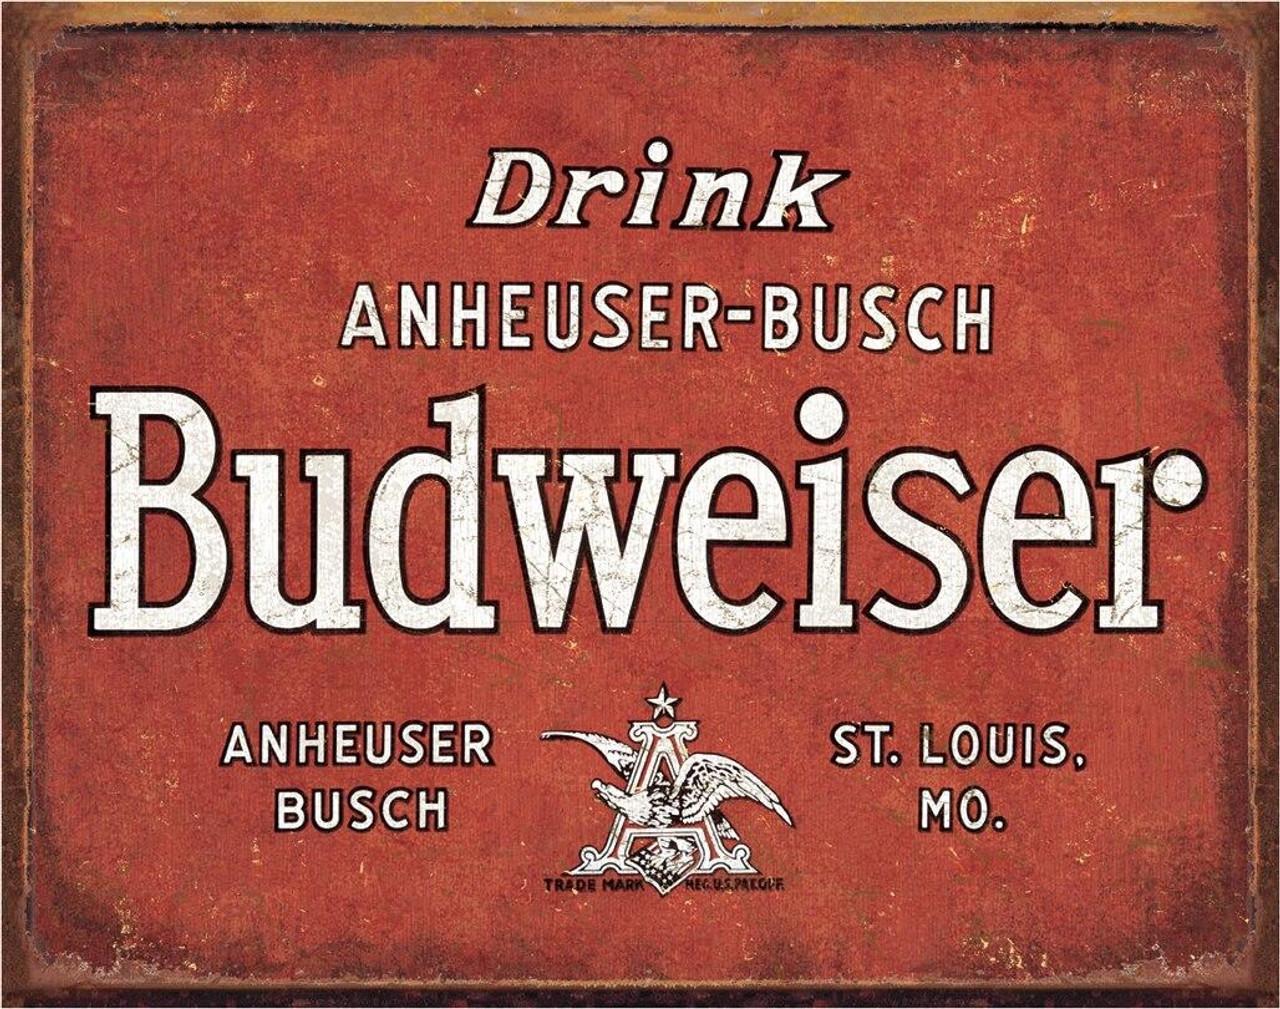 Anheuser-Busch Budweiser - Drink